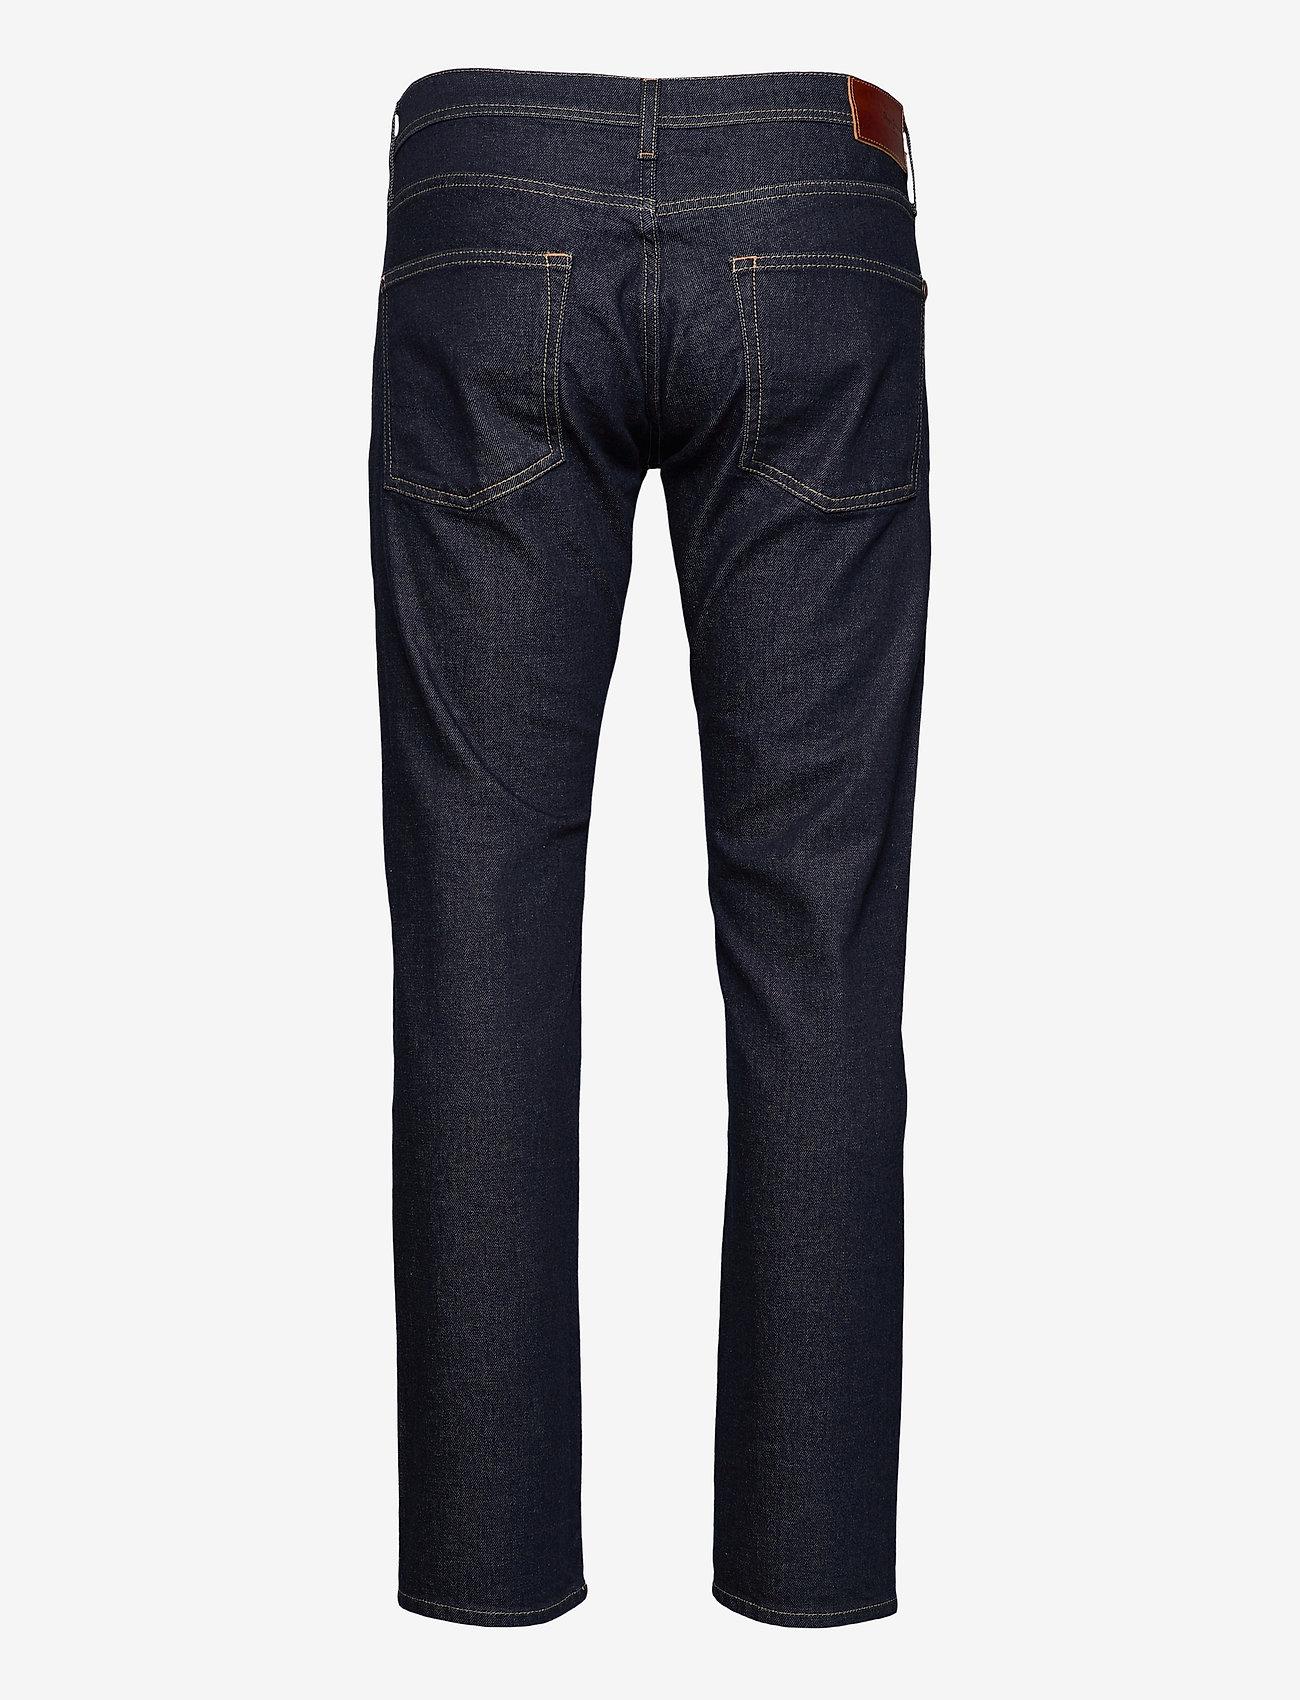 Pepe Jeans London Cash 5pkt Jeans Boozt Com